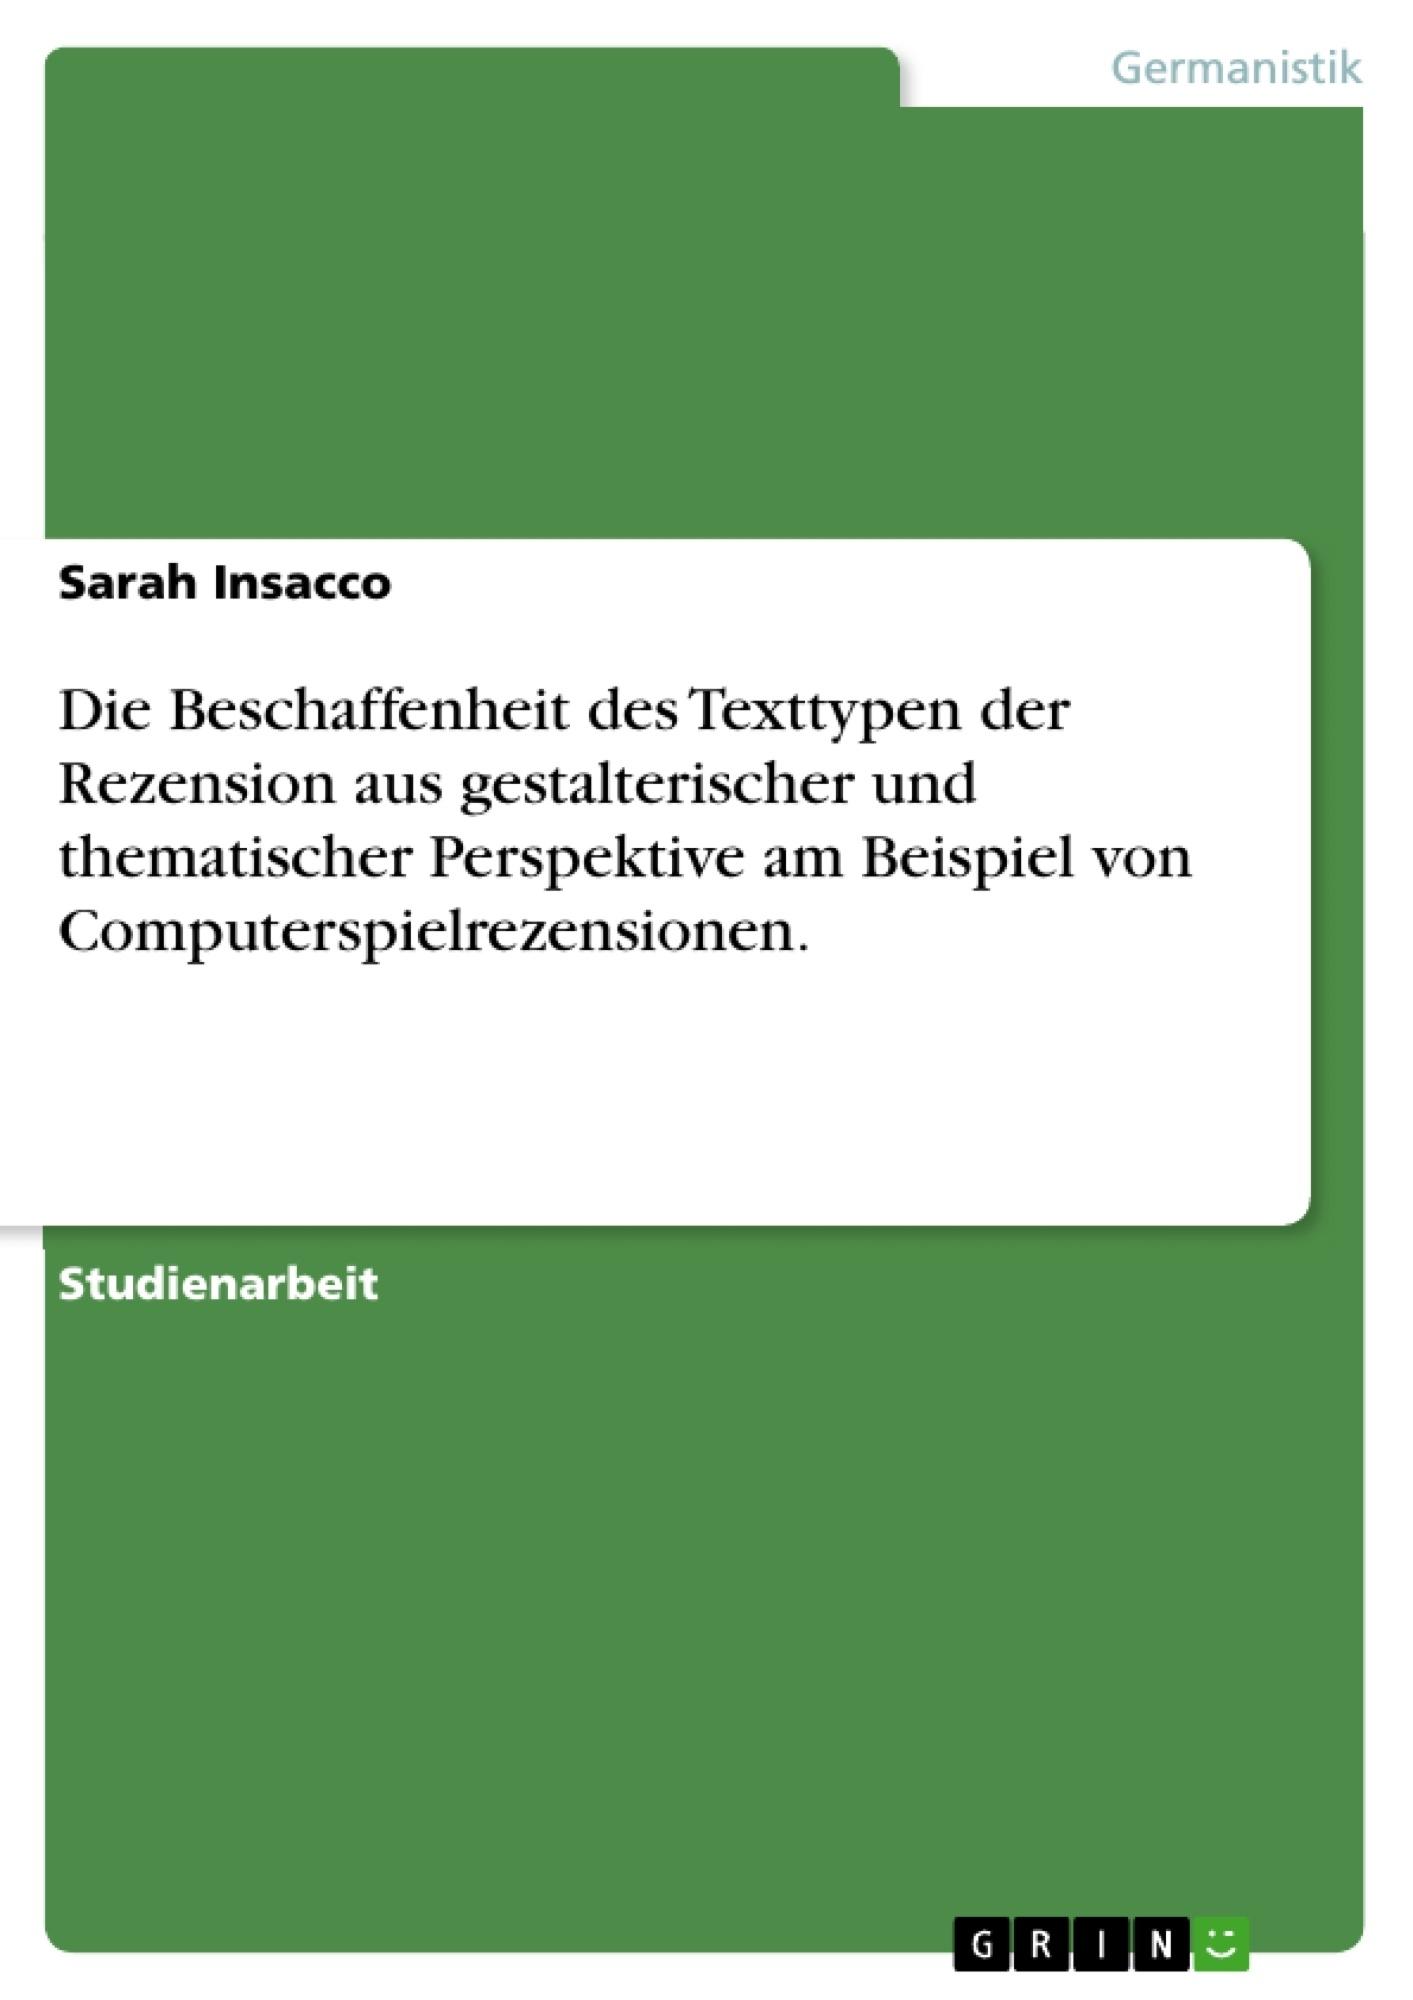 Titel: Die Beschaffenheit des Texttypen der Rezension aus gestalterischer und thematischer Perspektive am Beispiel von Computerspielrezensionen.